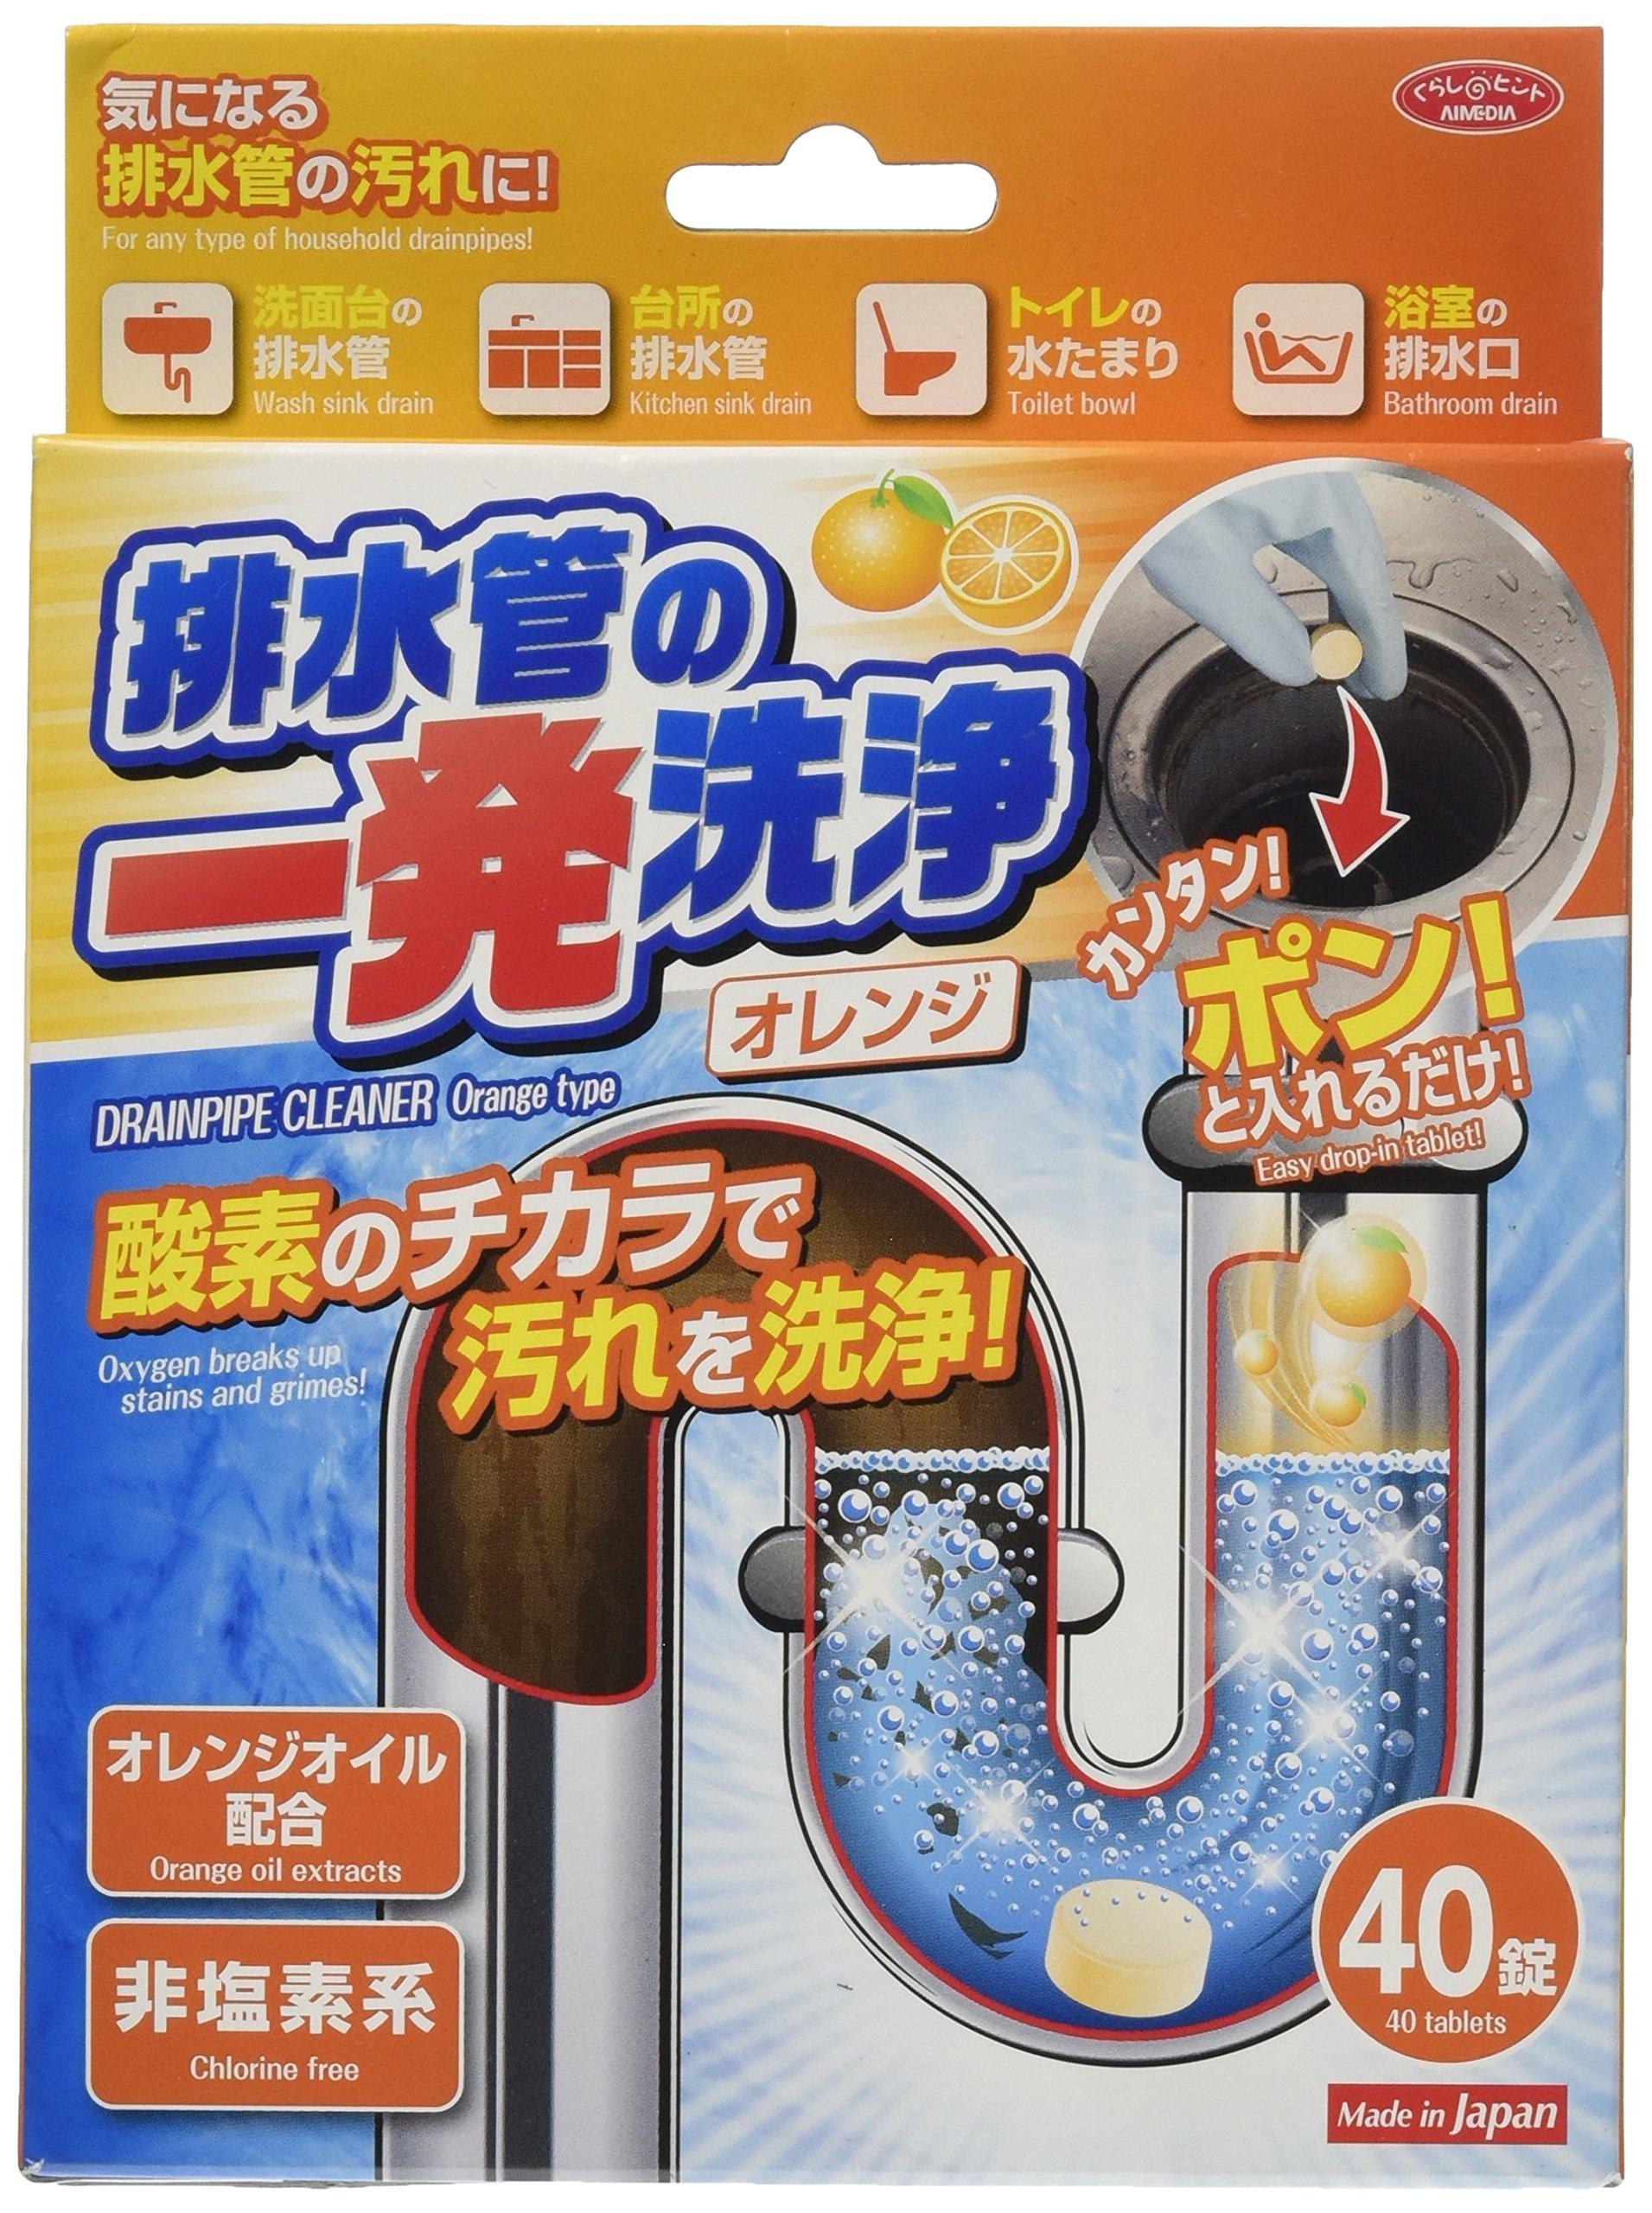 アイメディア 排水管の一発洗浄 オレンジタイプ 約4g*40錠